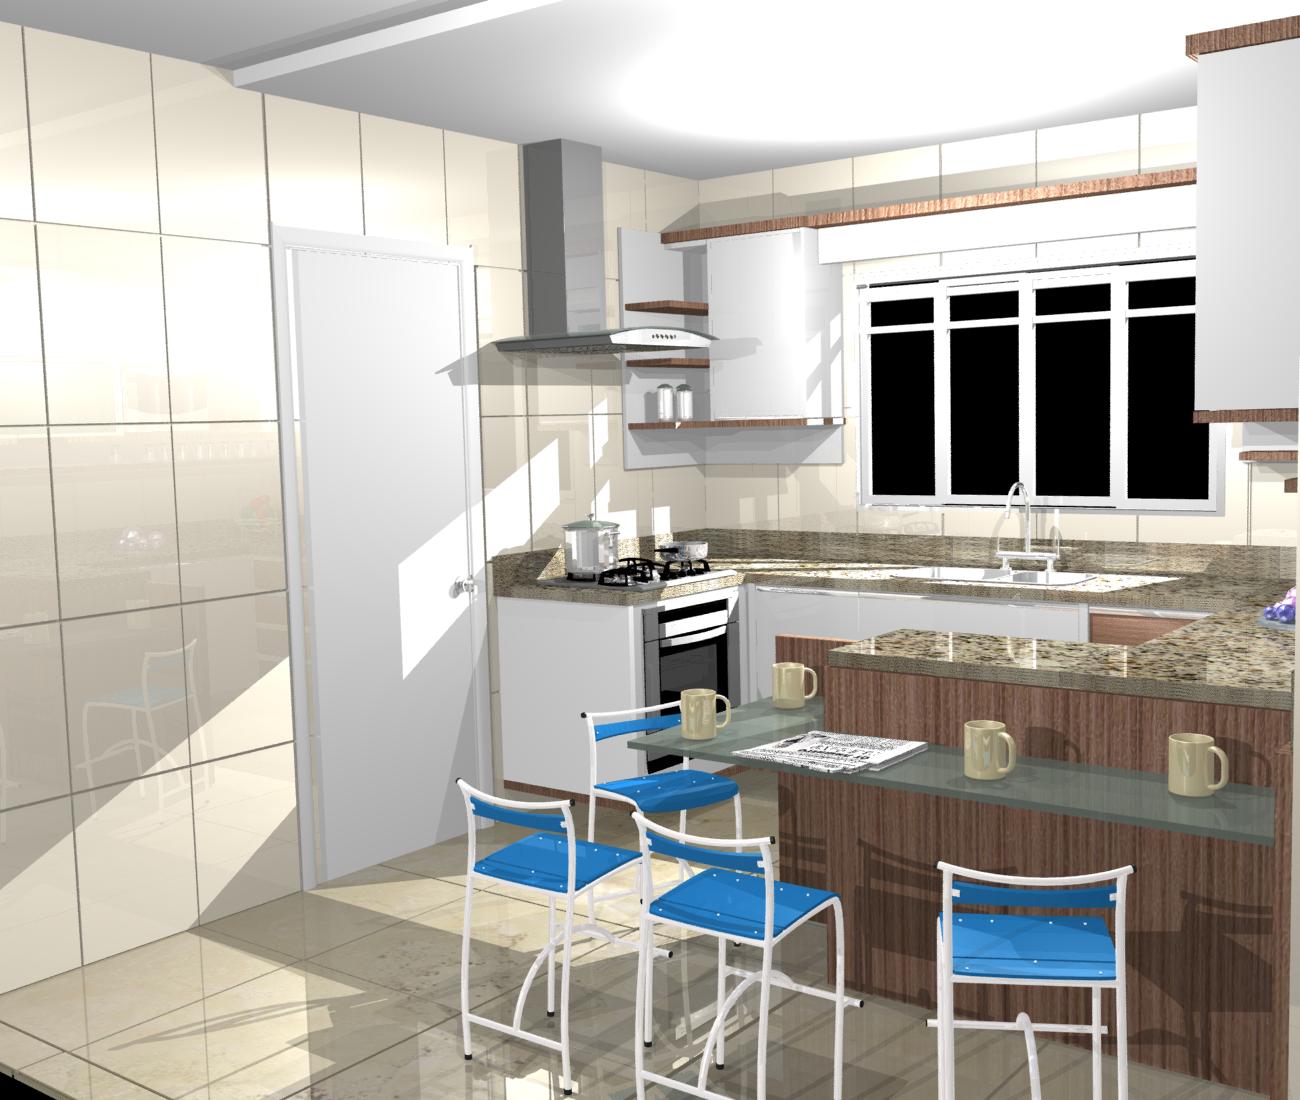 para cozinhas cozinhas planejadas dellano dellano cozinhas planejadas #266CA5 1300 1100